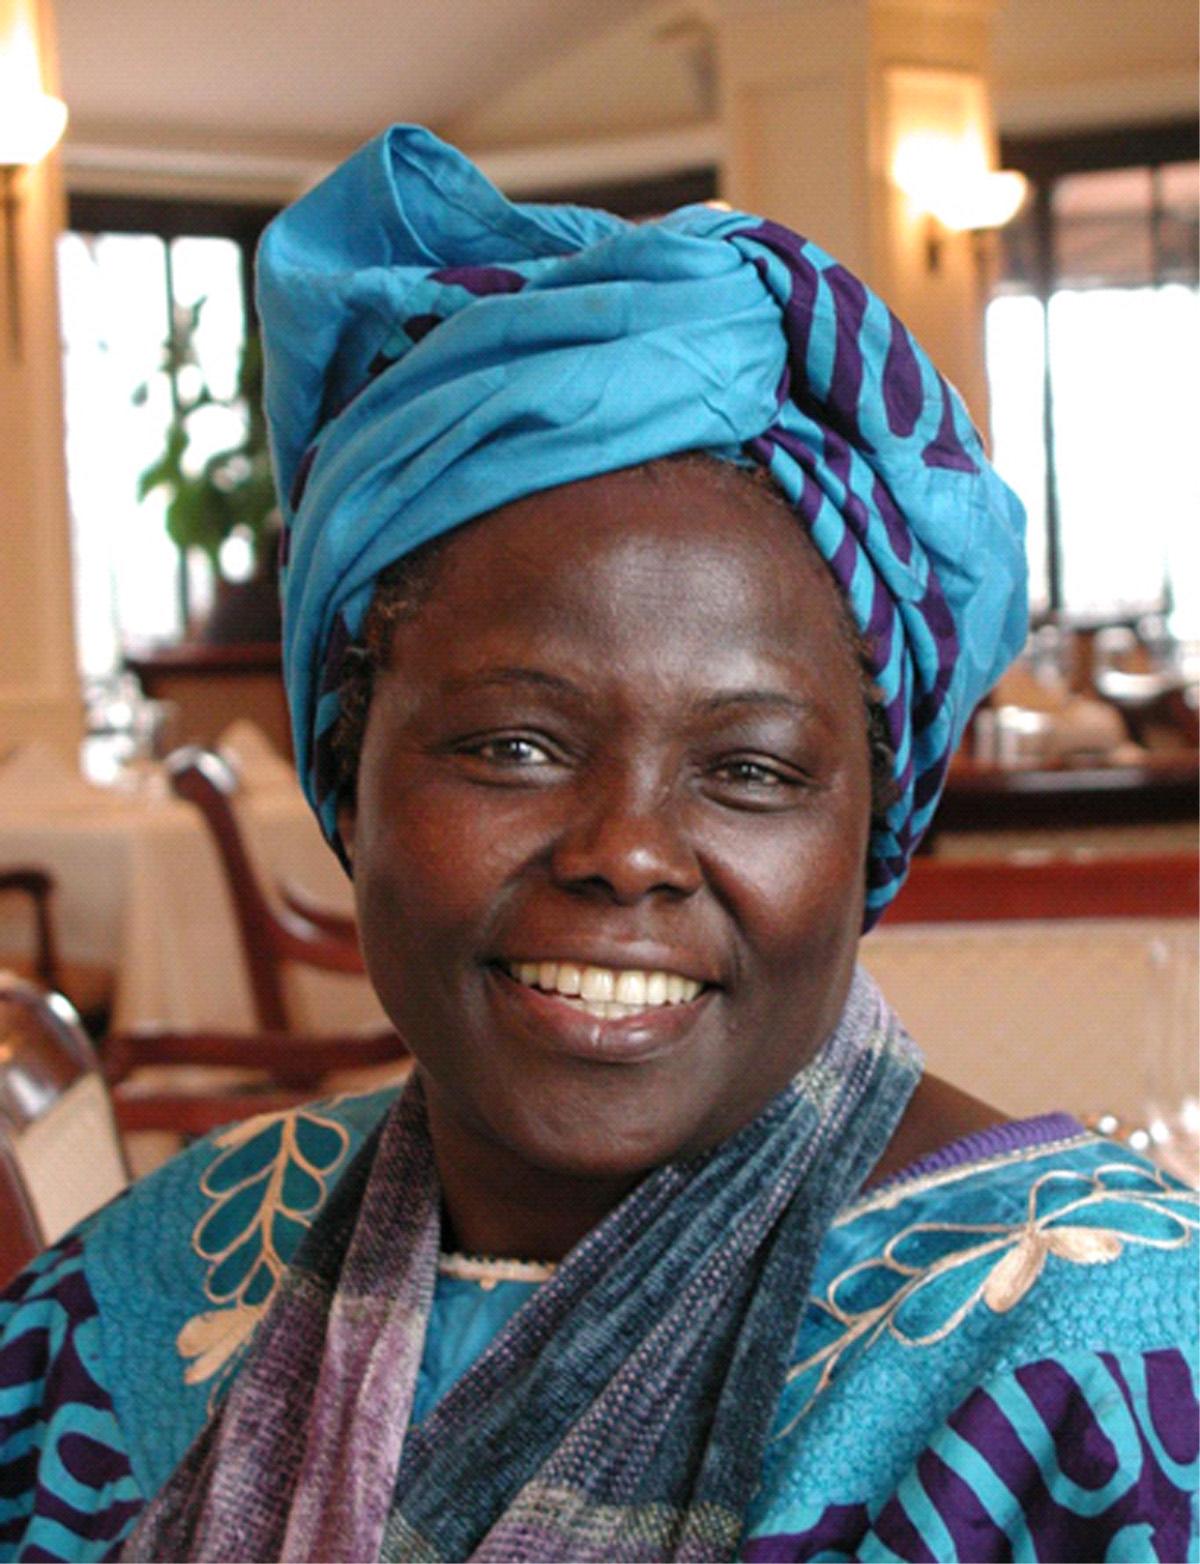 Nobel Laureate Wangari Maathai will speak at the University of Utah on Saturday, April 18.